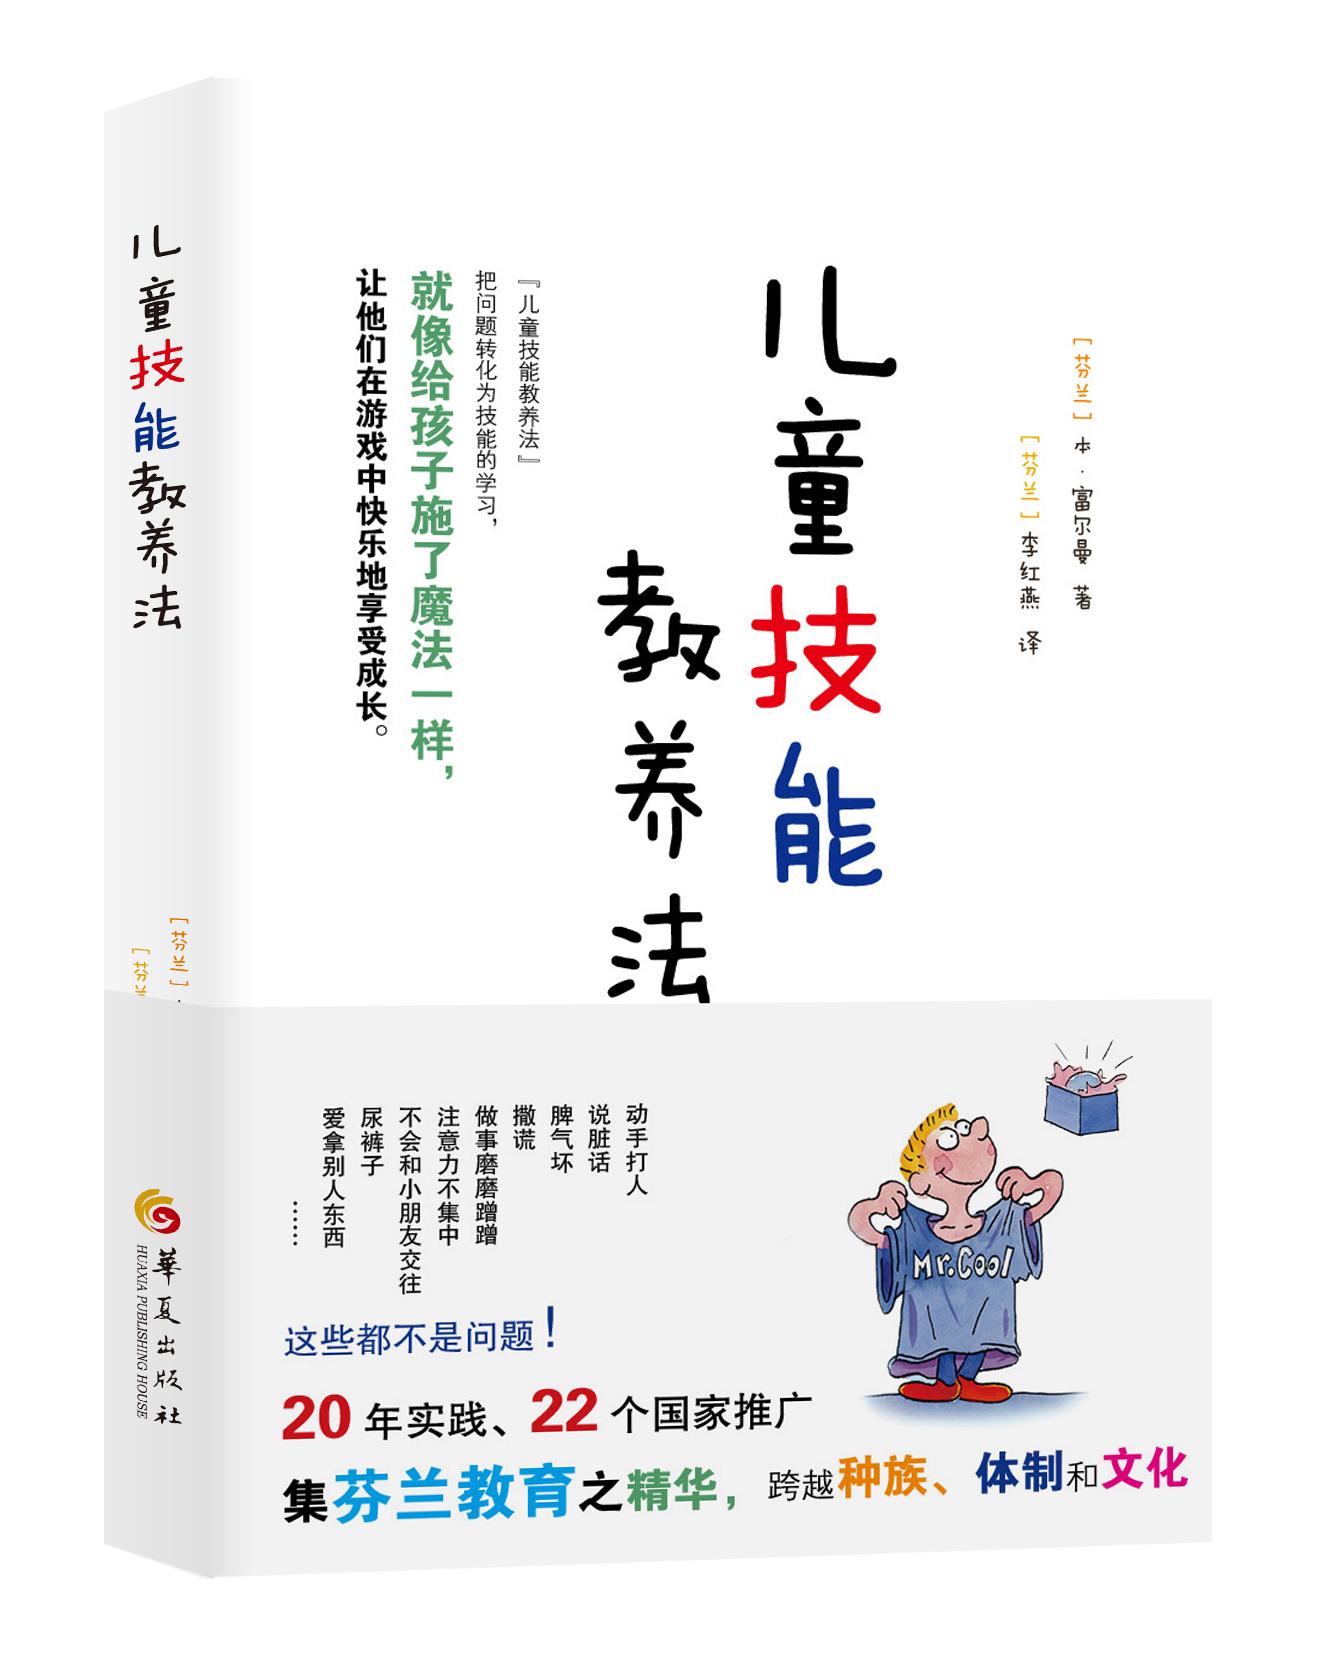 儿童技能教养法套装-图书